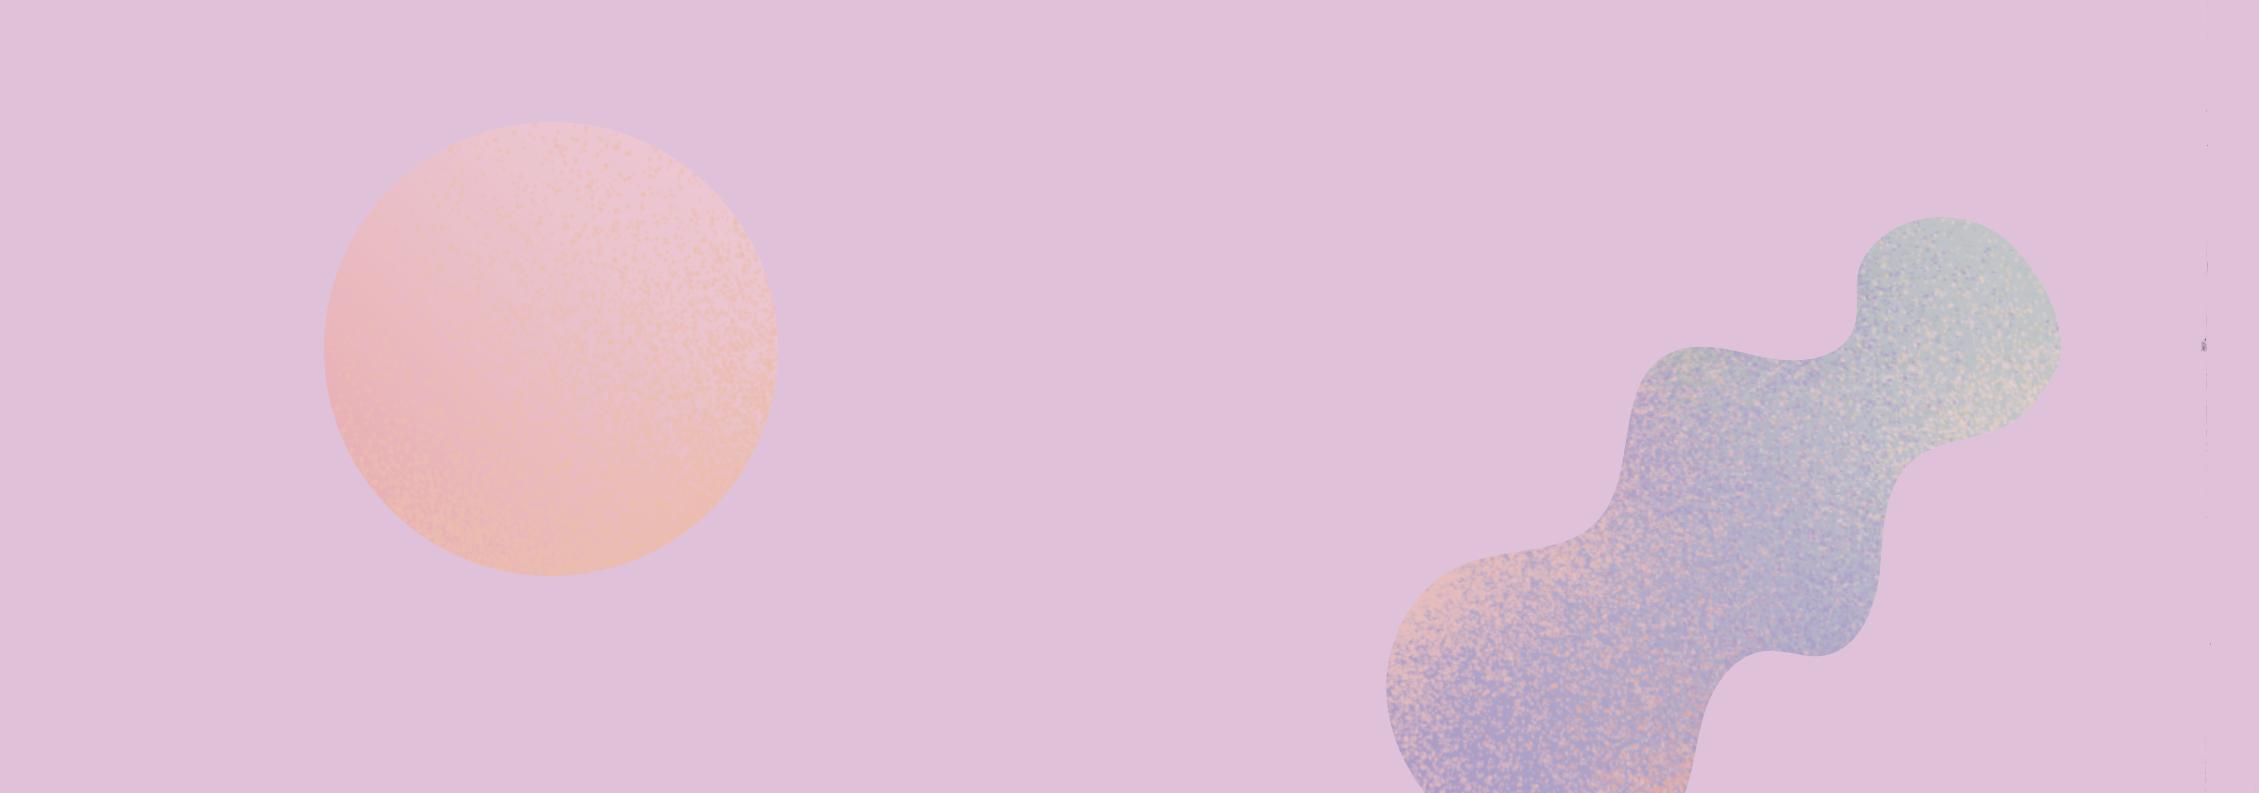 lavender background .png